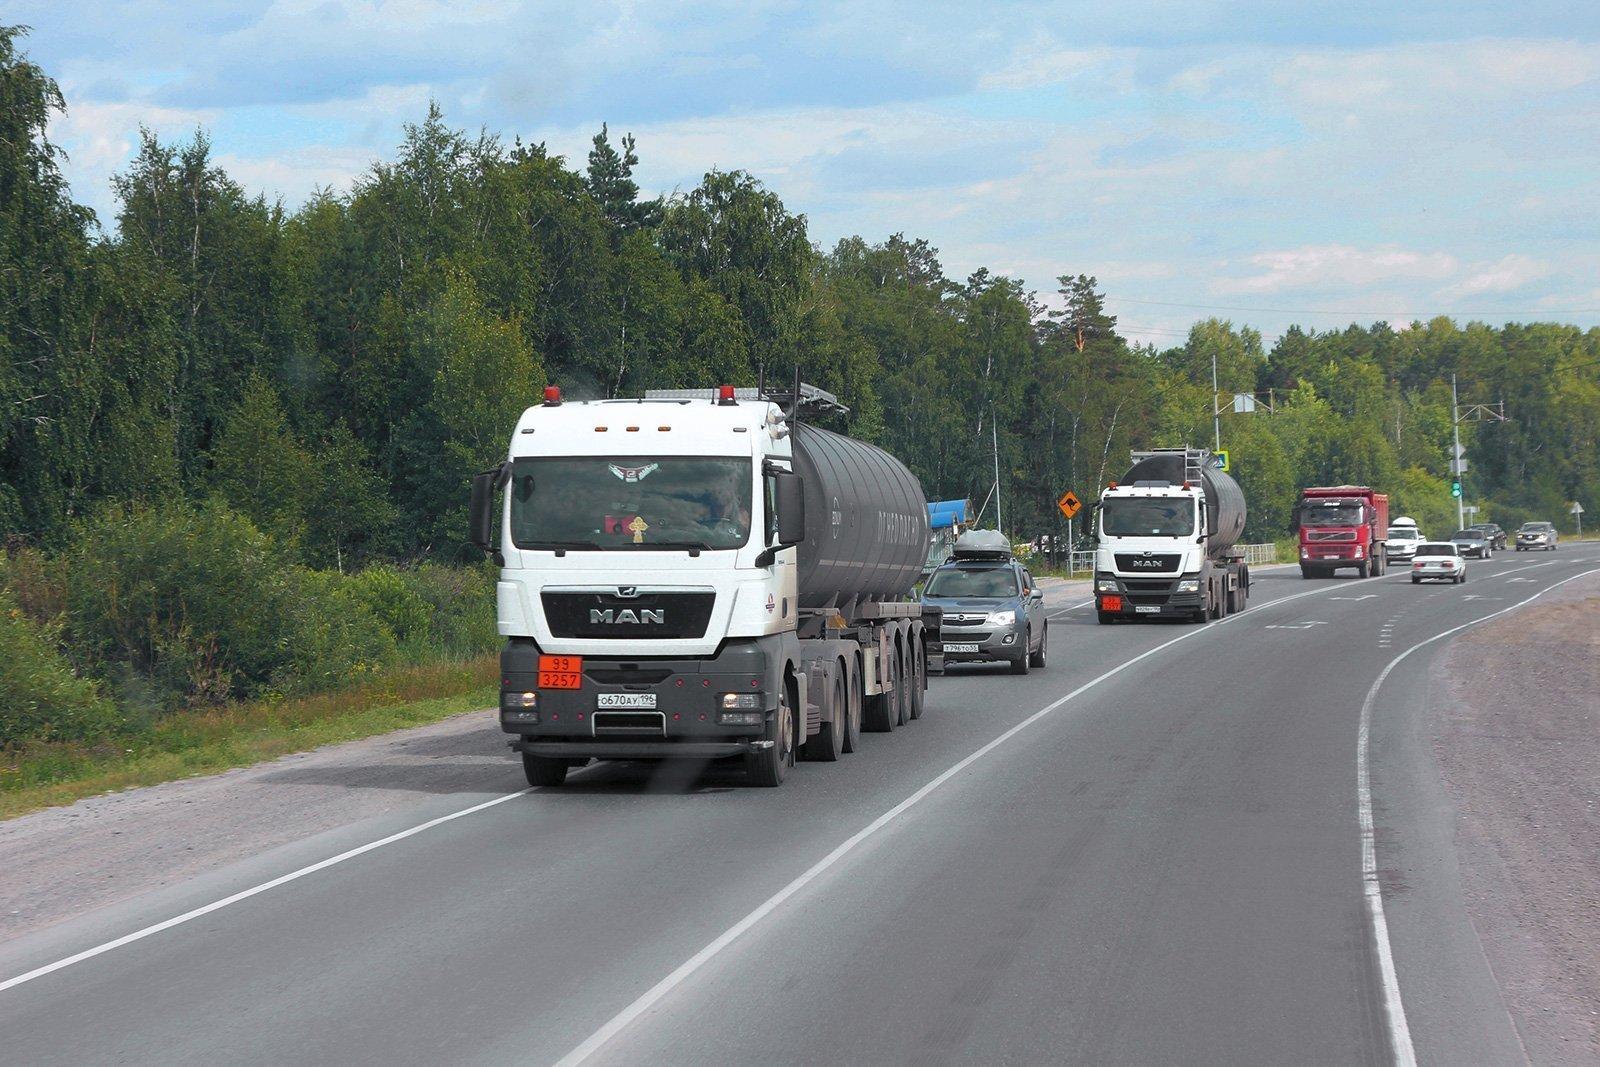 100 тысяч рублей в месяц, 15 тысяч за рейс: как за год выросли зарплаты дальнобойщиков и стоимость перевозок